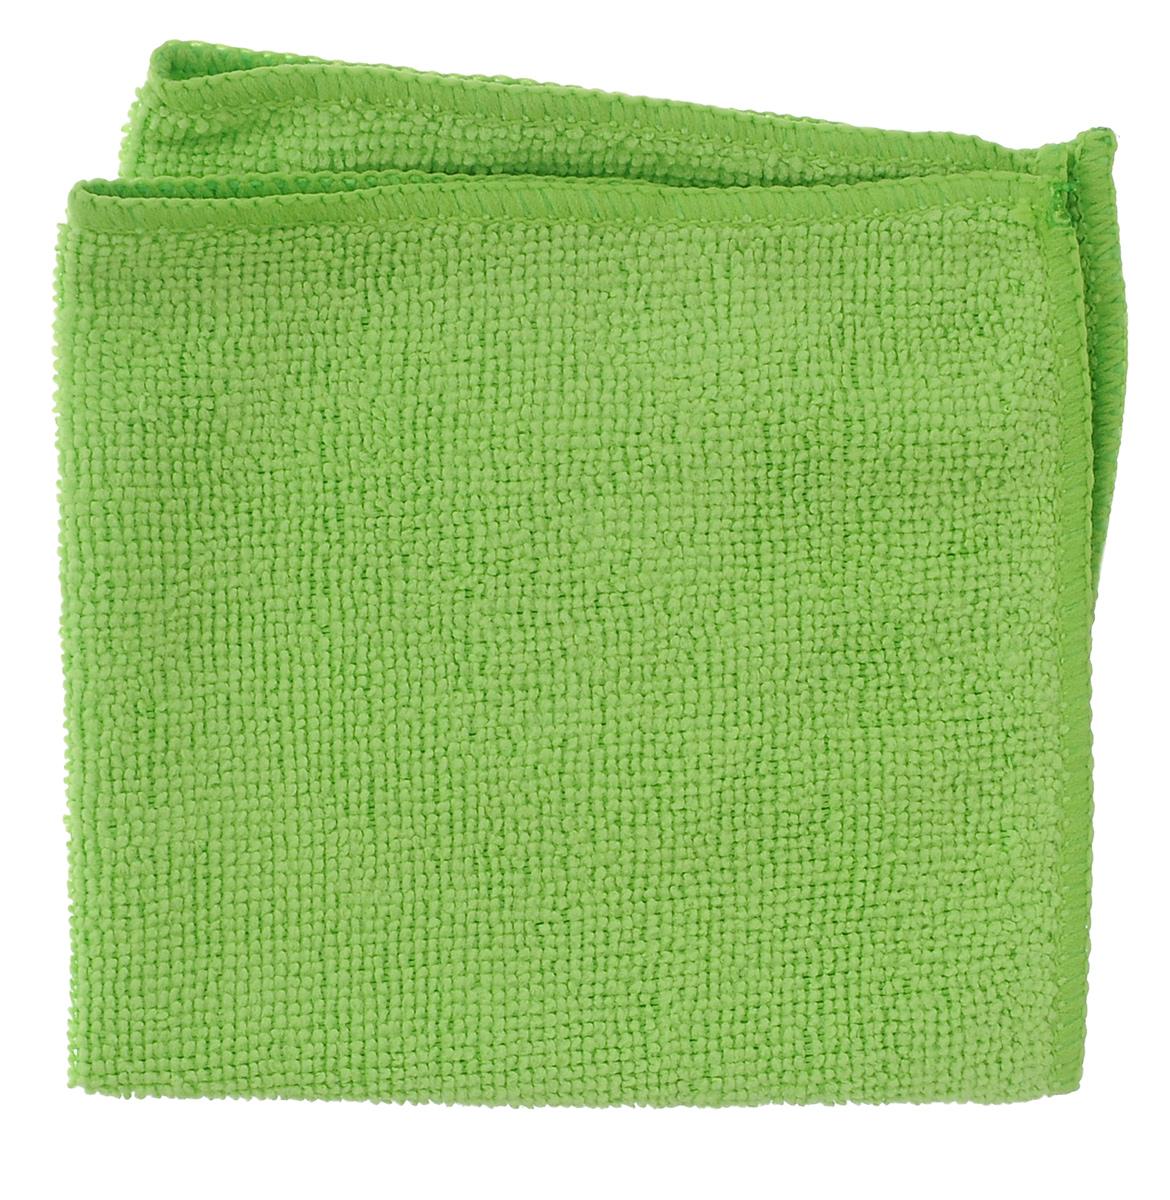 Салфетка универсальная Celesta, из микрофибры, цвет: салатовый, 30 см х 30 см4660_салатовыйСалфетка Celesta, изготовленная из микрофибры (80% полиэстера и 20% полиамида), предназначена для сухой и влажной уборки. Подходит для ухода за любыми поверхностями. Благодаря специальной структуре волокон справляется с загрязнениями без использования моющих средств. Не оставляет разводов и ворсинок. Обладает отличными впитывающими свойствами. Размер салфетки: 30 см х 30 см.